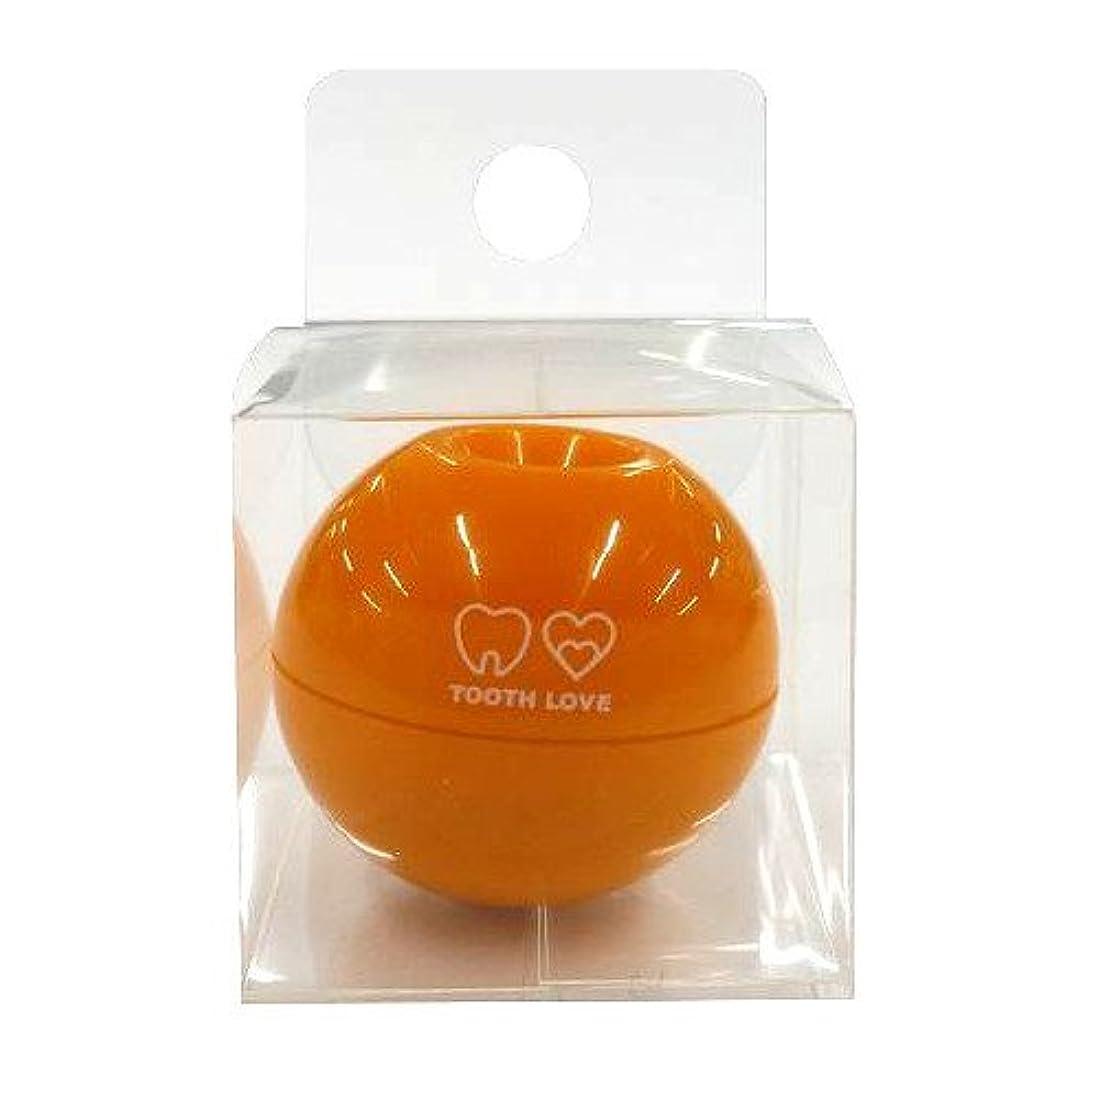 すごい税金狂気TOOTH LOVE BALL ホルダー (歯間ブラシホルダー) オレンジ